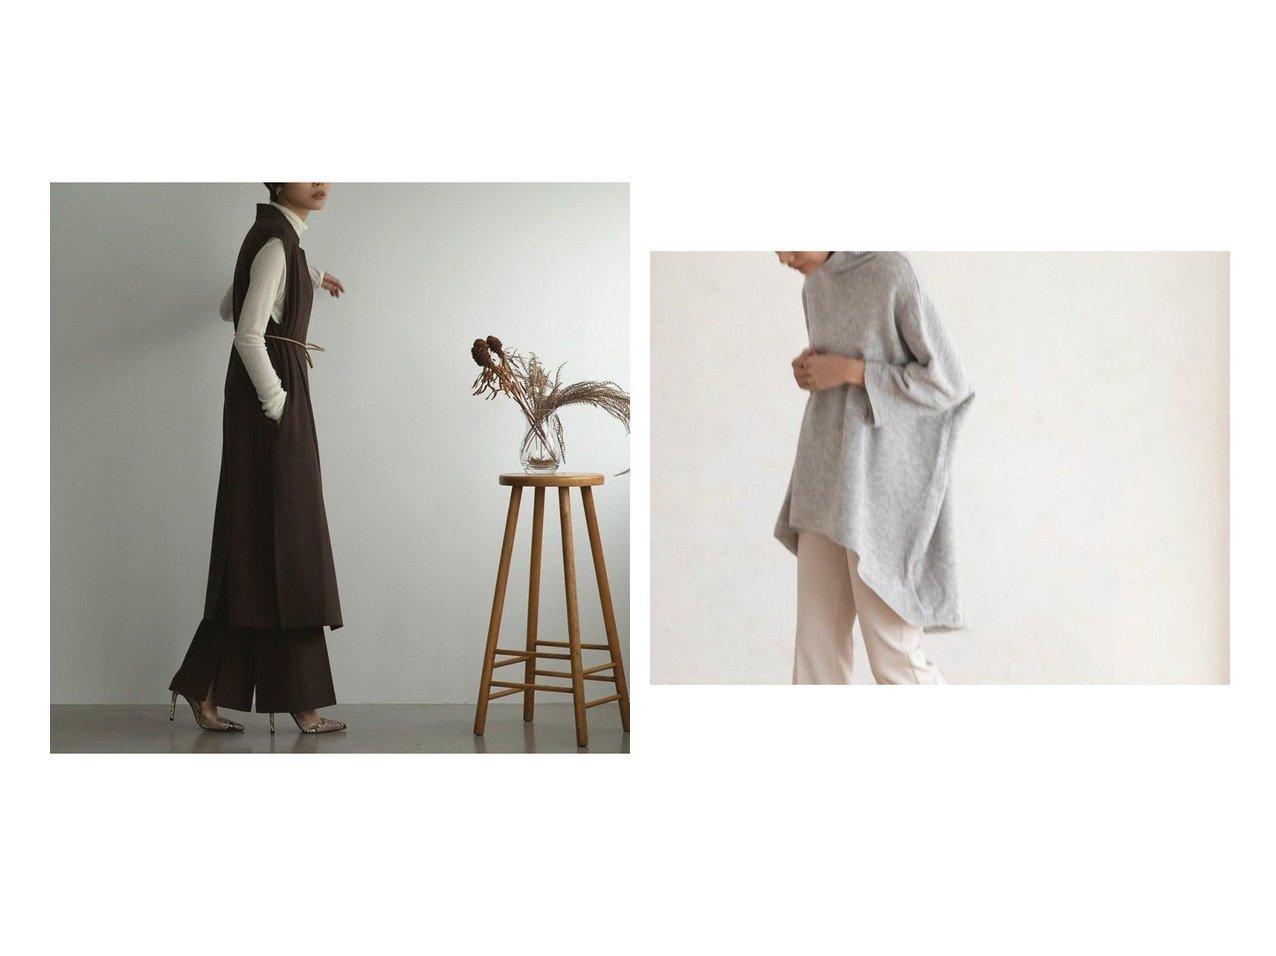 【marjour/マージュール】のインサイドカラージレ INSIDE COLLAR GILET&ハイネックポンチョニット HIGHNECK PONCHO KNIT マージュールのおすすめ!人気、トレンド・レディースファッションの通販 おすすめで人気の流行・トレンド、ファッションの通販商品 メンズファッション・キッズファッション・インテリア・家具・レディースファッション・服の通販 founy(ファニー) https://founy.com/ ファッション Fashion レディースファッション WOMEN アウター Coat Outerwear トップス カットソー Tops Tshirt ベスト/ジレ Gilets Vests ポンチョ Ponchos ニット Knit Tops 春 Spring 秋 Autumn/Fall カットソー スタイリッシュ セットアップ タートルネック ツイル ノースリーブ 長袖 フレア ベスト 半袖 マニッシュ ミドル ロング ワイド 冬 Winter おすすめ Recommend トレンド バランス バングル ブレスレット ベーシック |ID:crp329100000021555